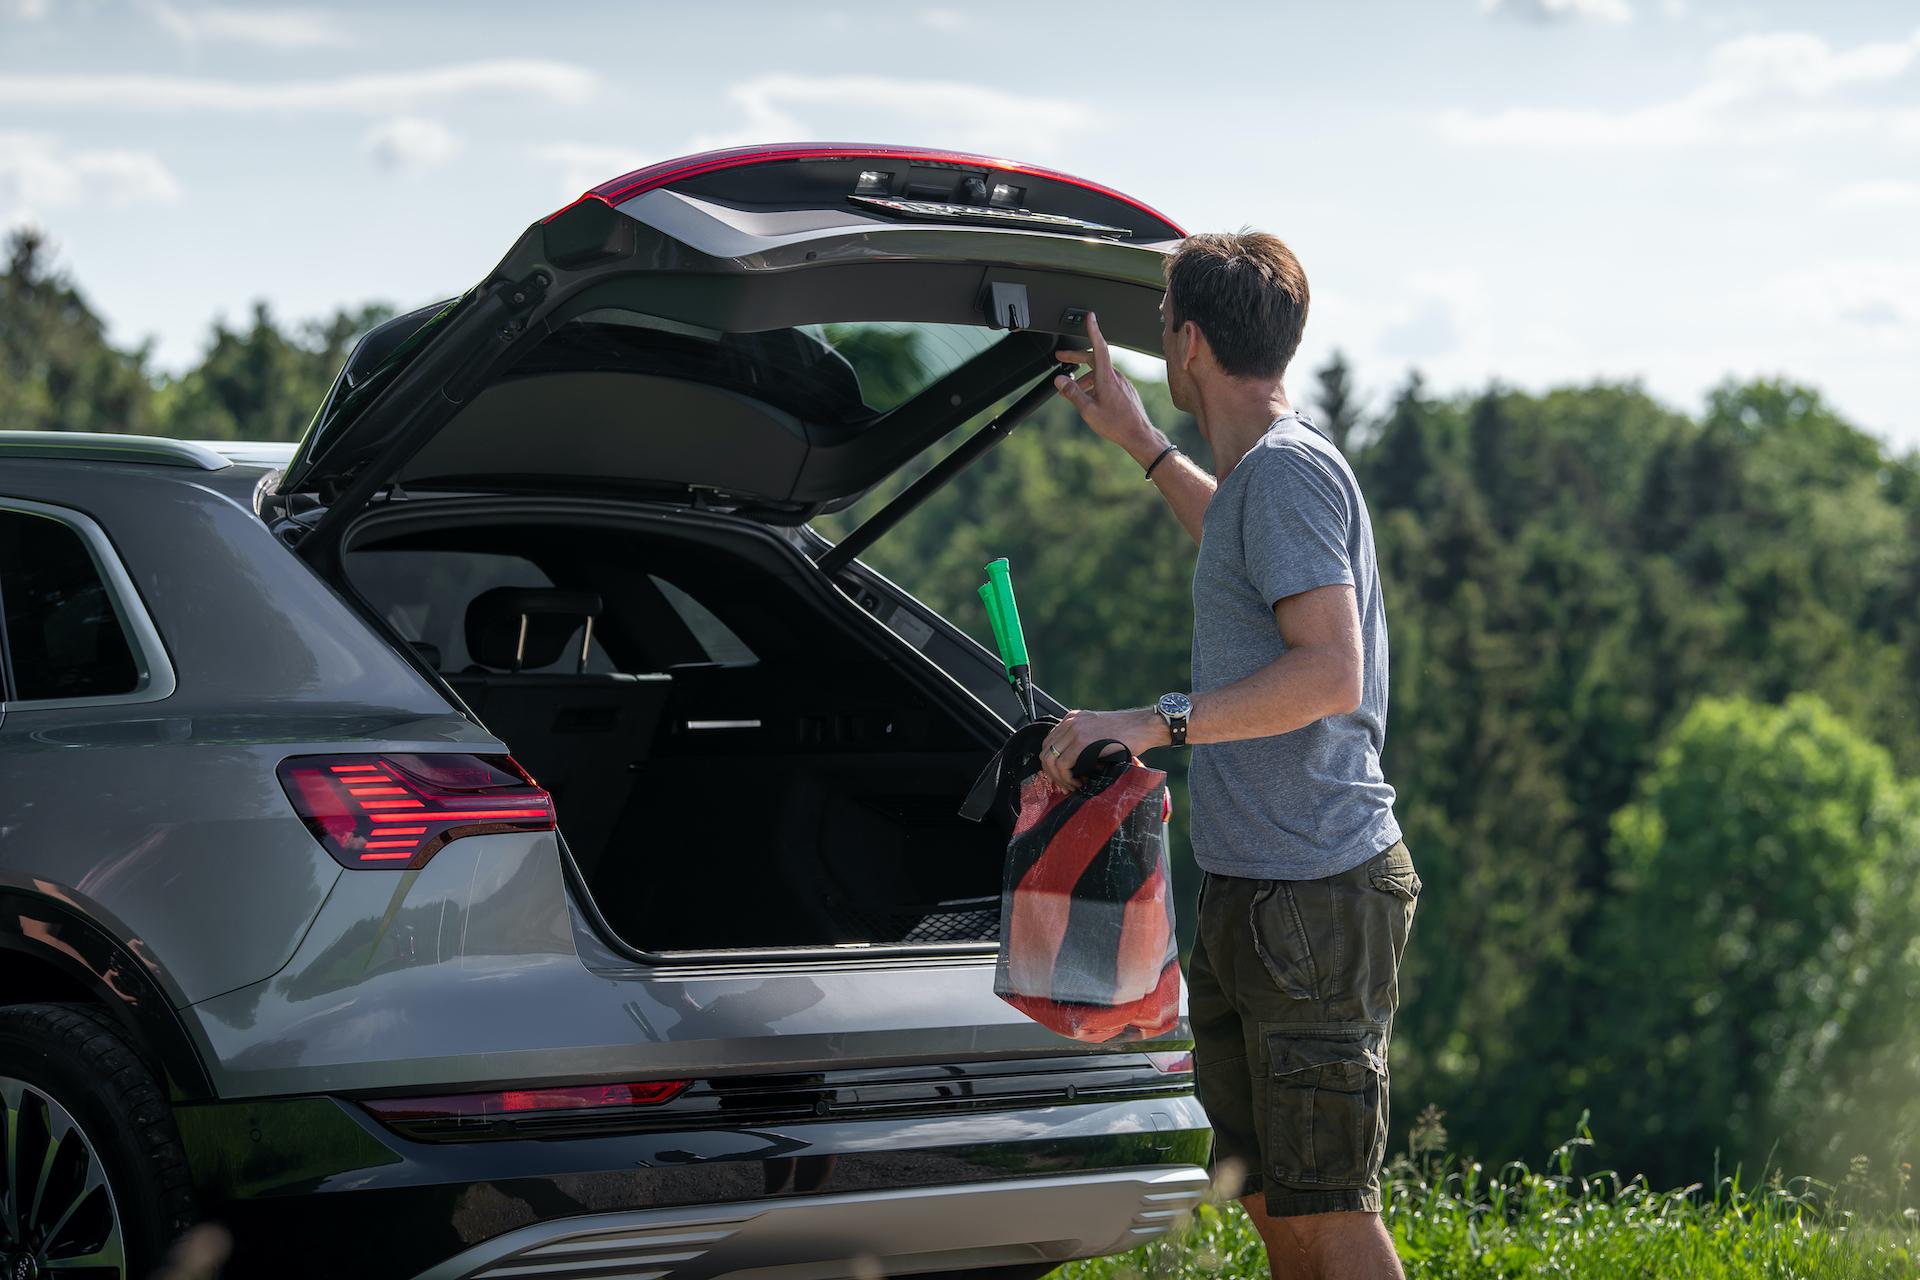 Der Kofferraum des Audi e-tron fasst 660 Liter. Weil vorne im Auto kein Verbrennungsmotor sitzt, befindet sich dort noch ein Extra-Staufach, etwa für die Ladekabel – «oder eine eisgekühlte Torte für das Picknick», sagt Mandioni und strahlt. (Tom Lüthi)